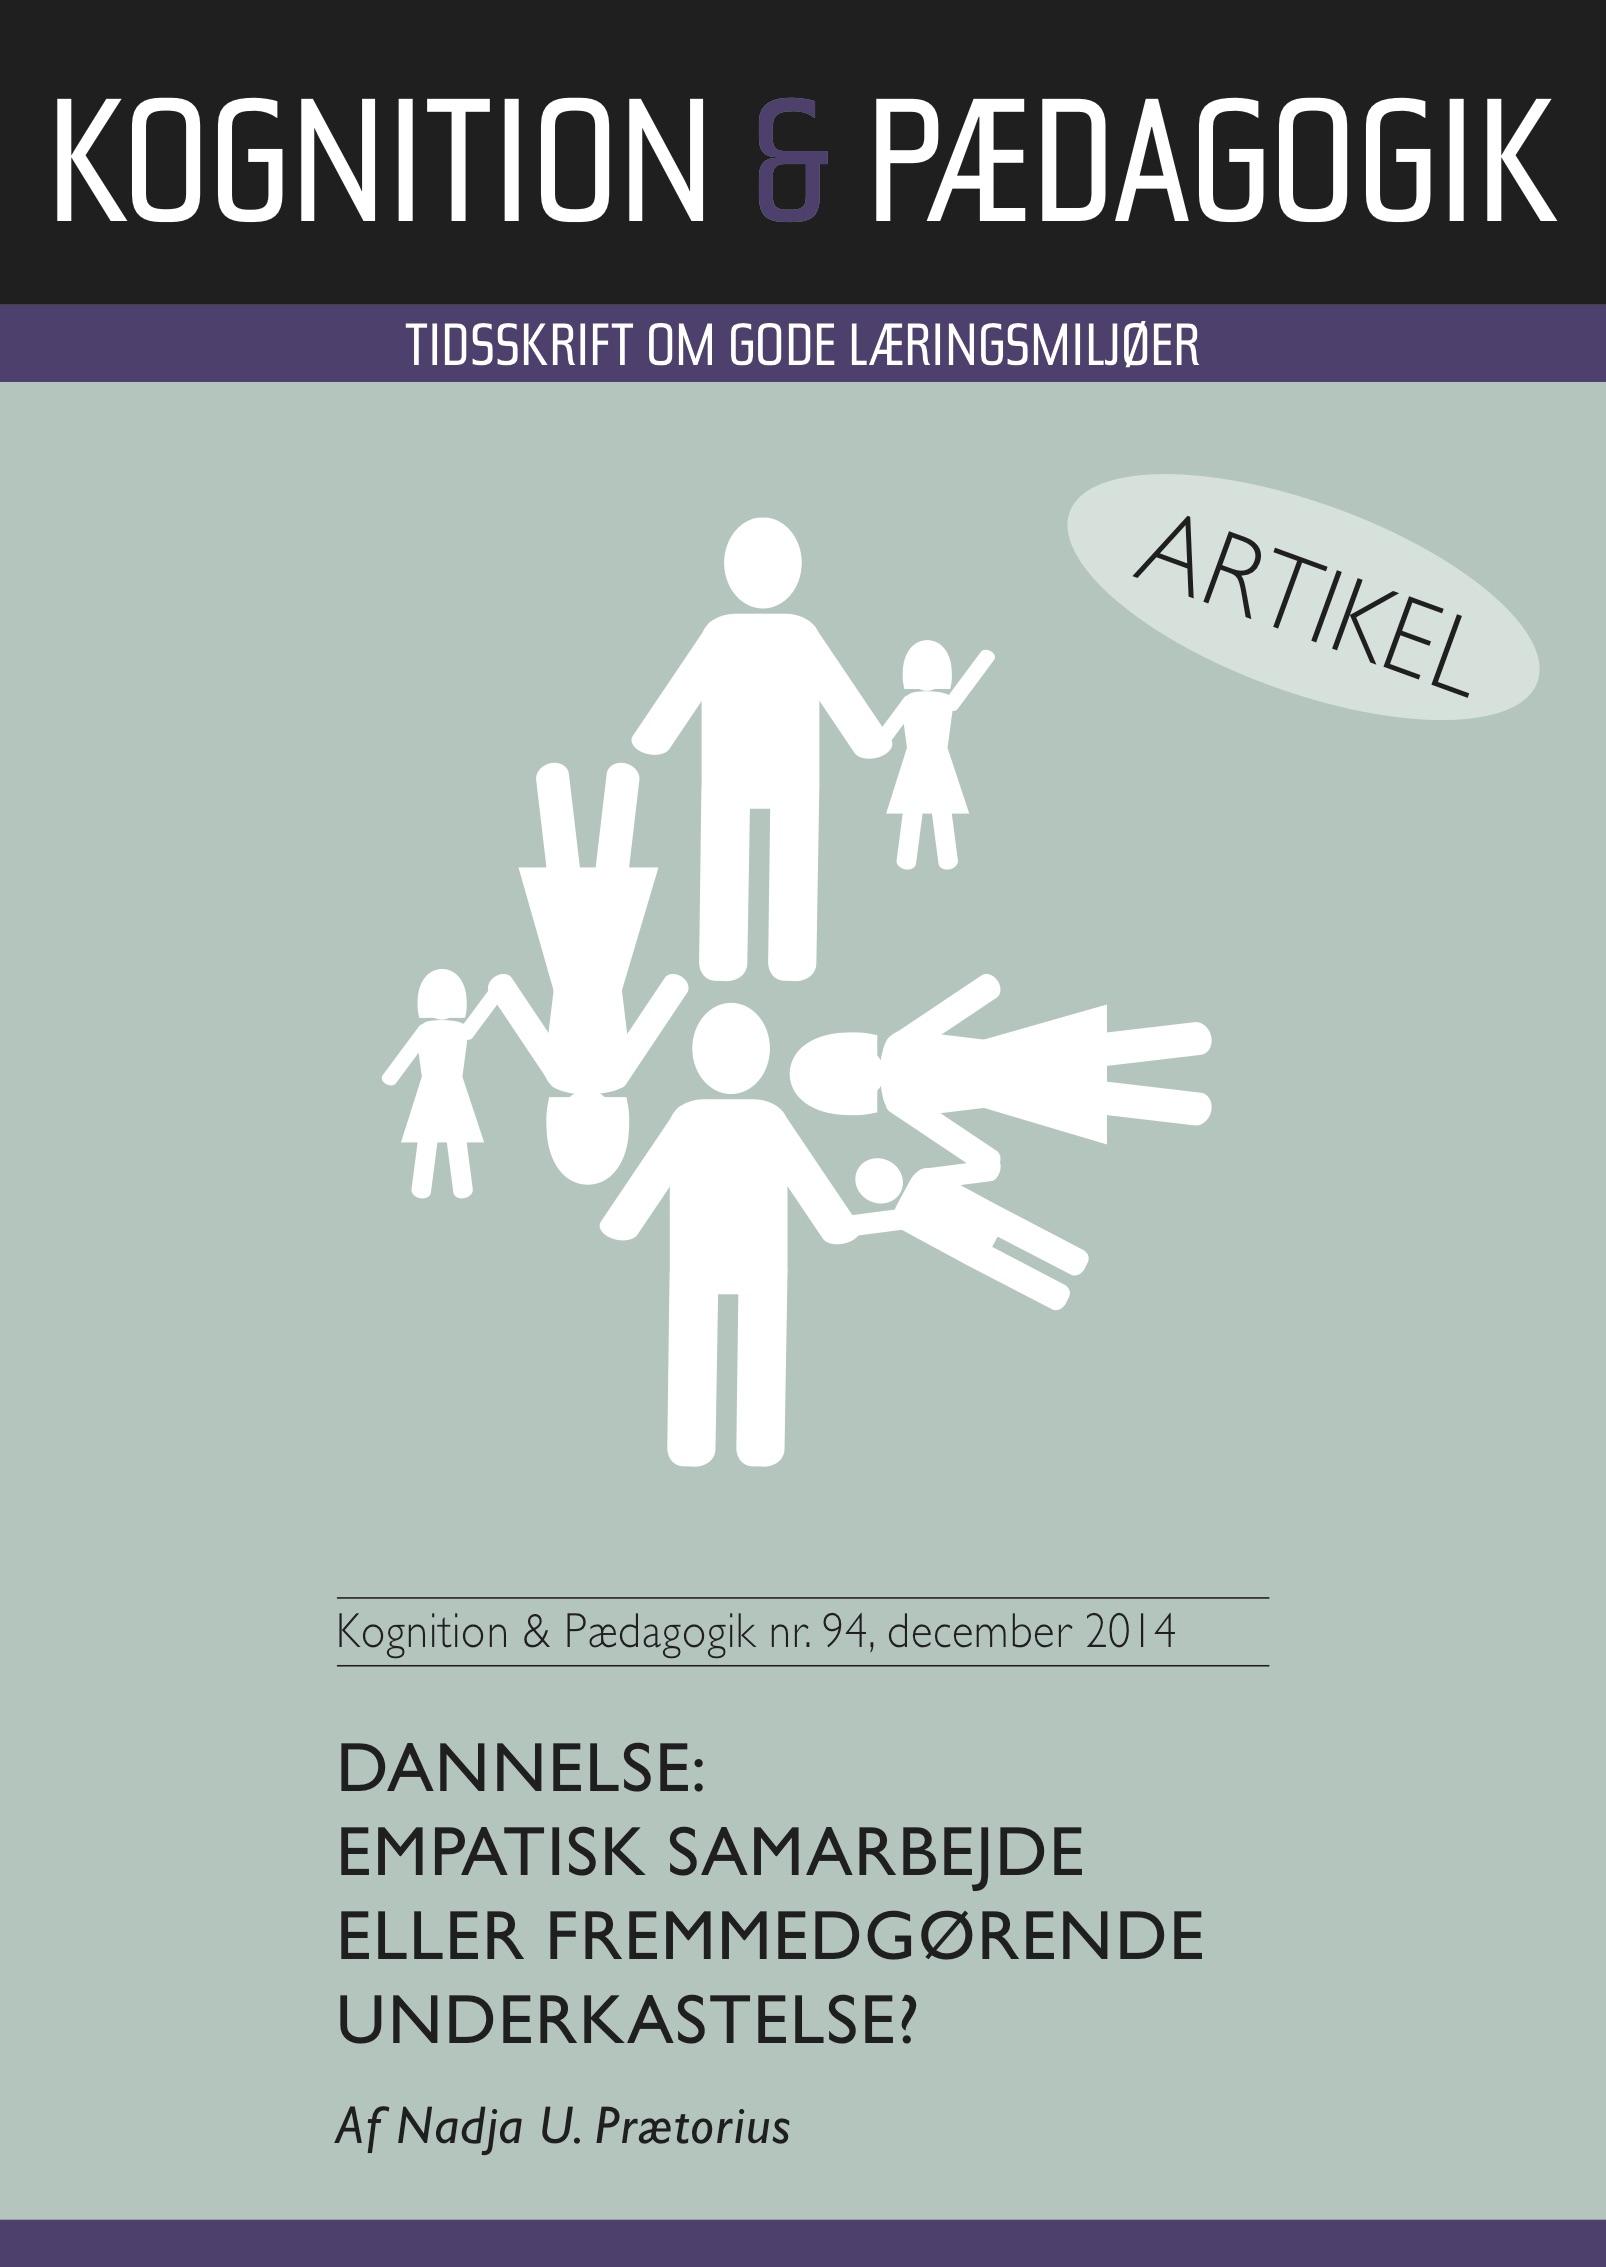 N/A Dannelse: empatisk samarbejde eller fremmedgørende underkastelse? - e-bog fra bog & mystik